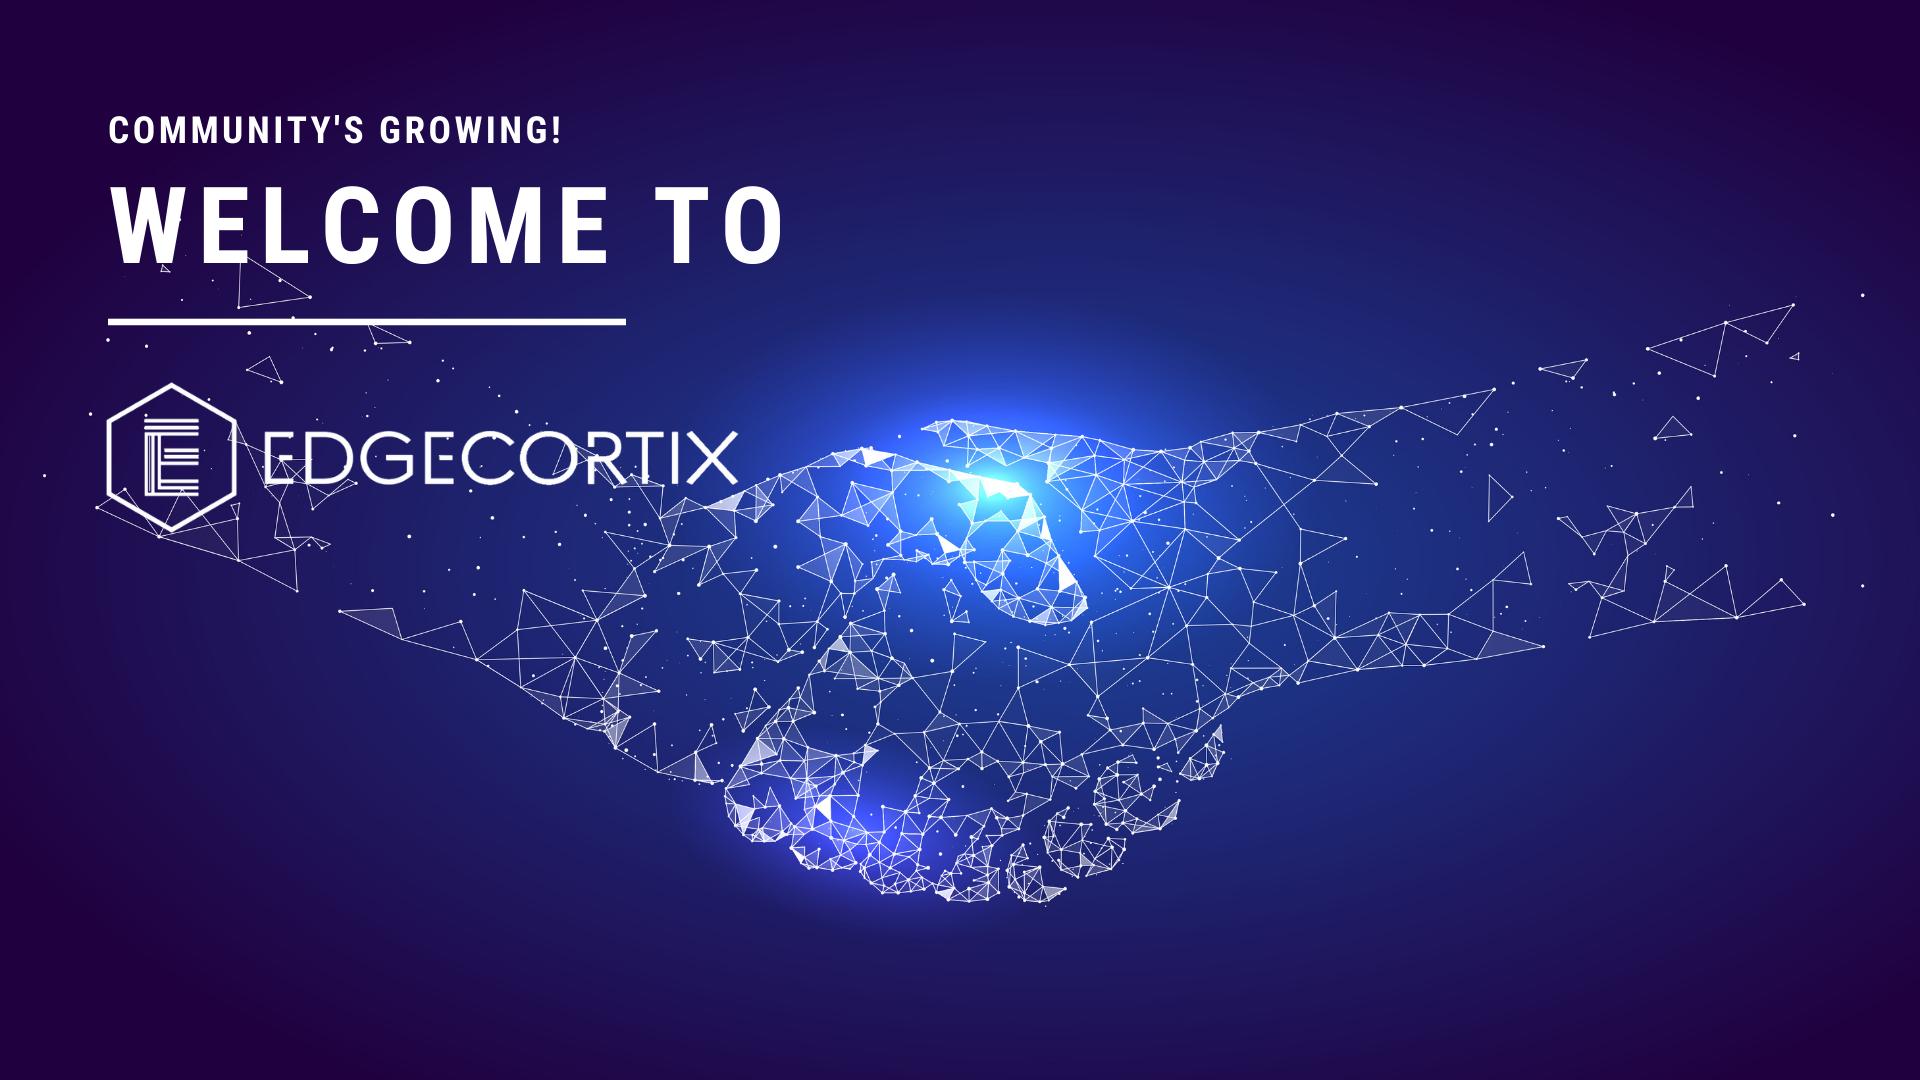 WELCOME TO EDGECORTIX